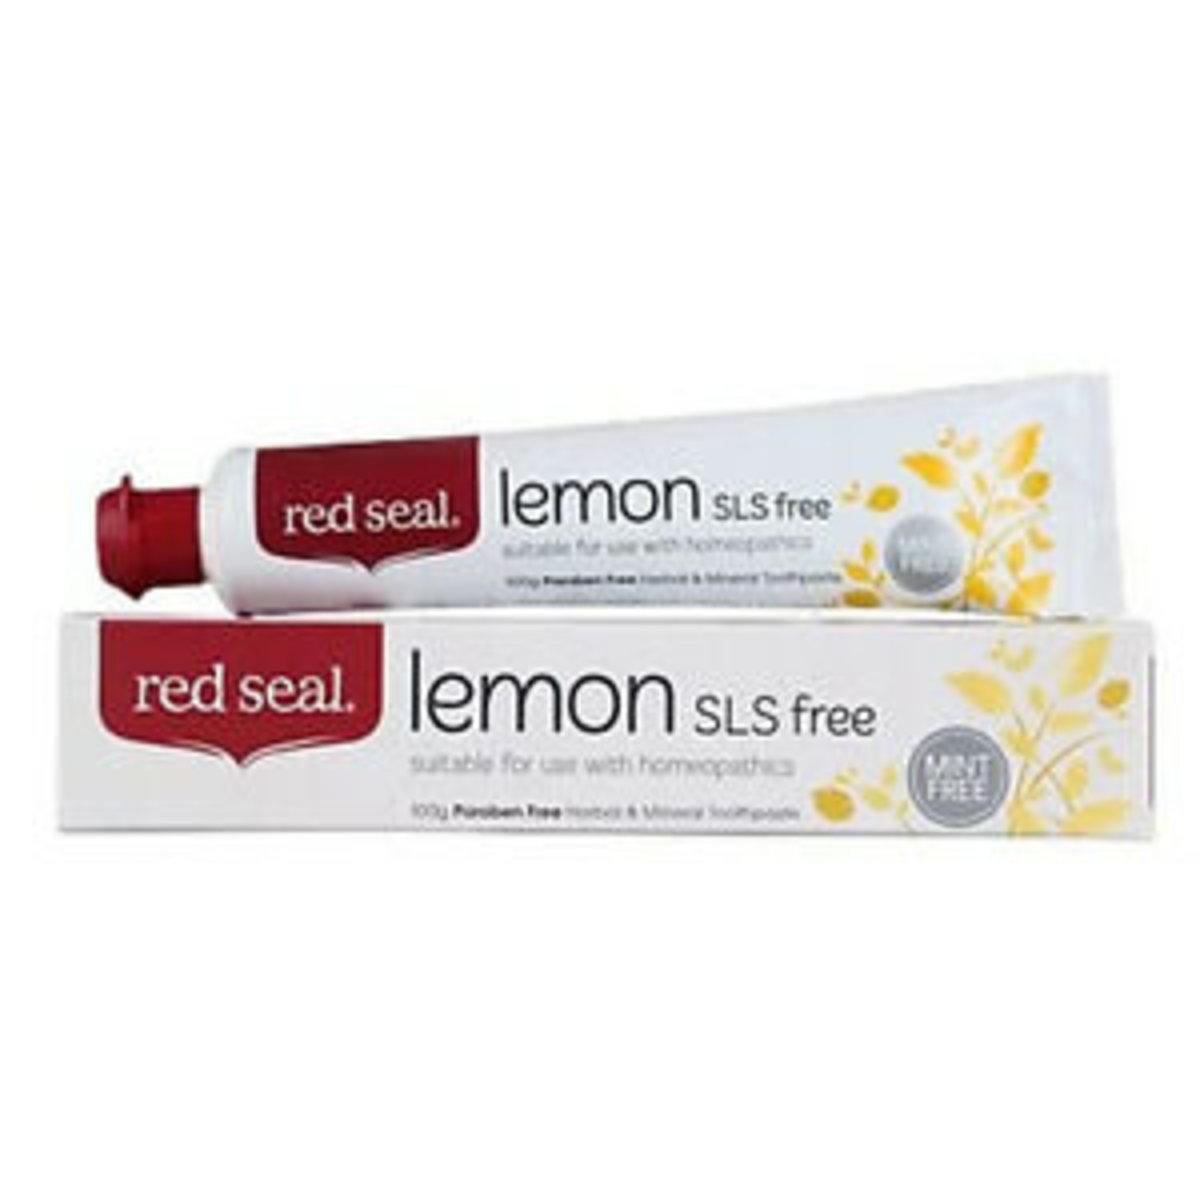 紅印天然檸檬牙膏 - 110g